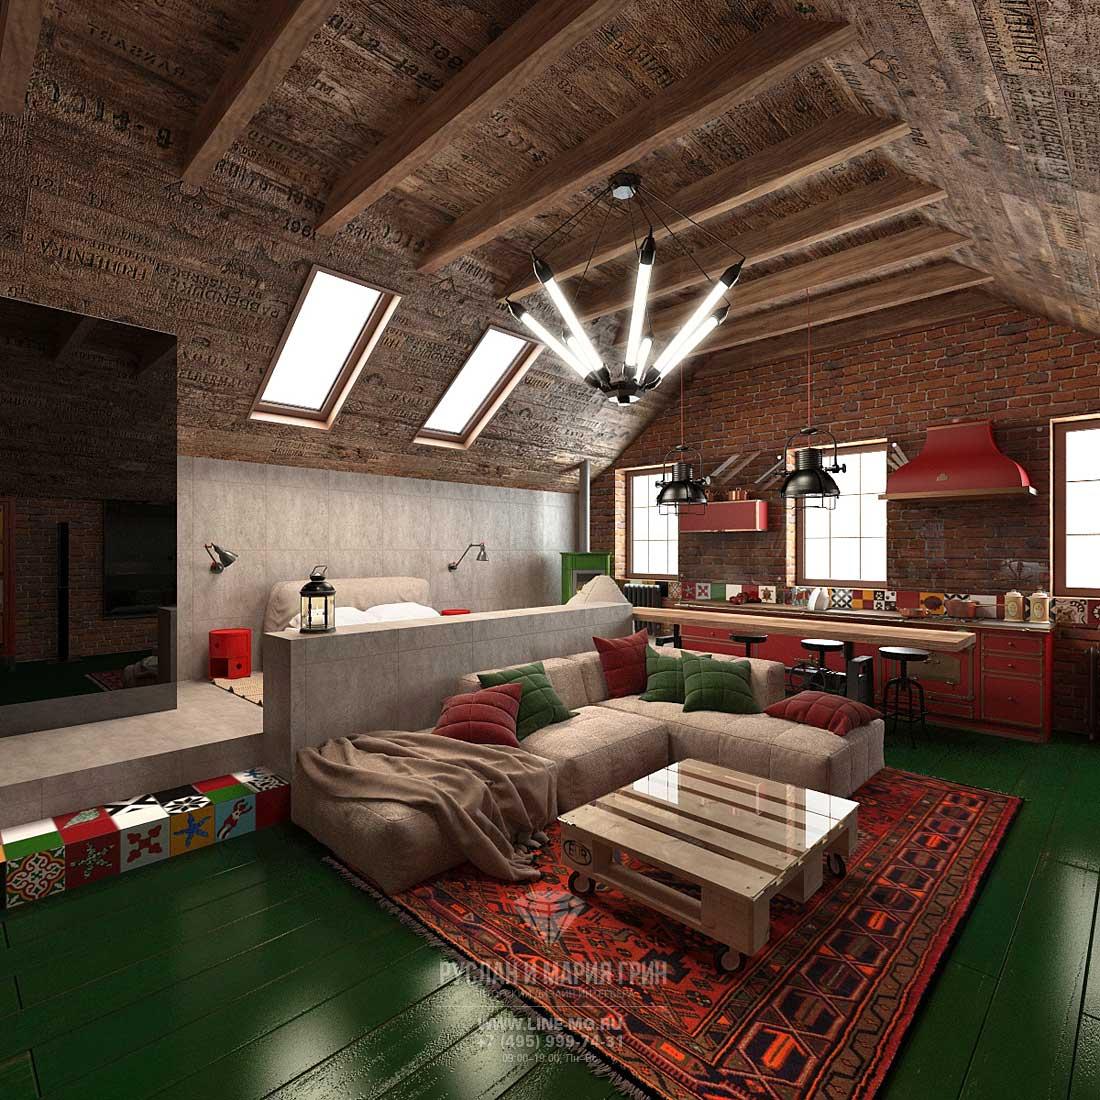 Дизайн кухни, совмещенной с гостиной. Фото мансарды